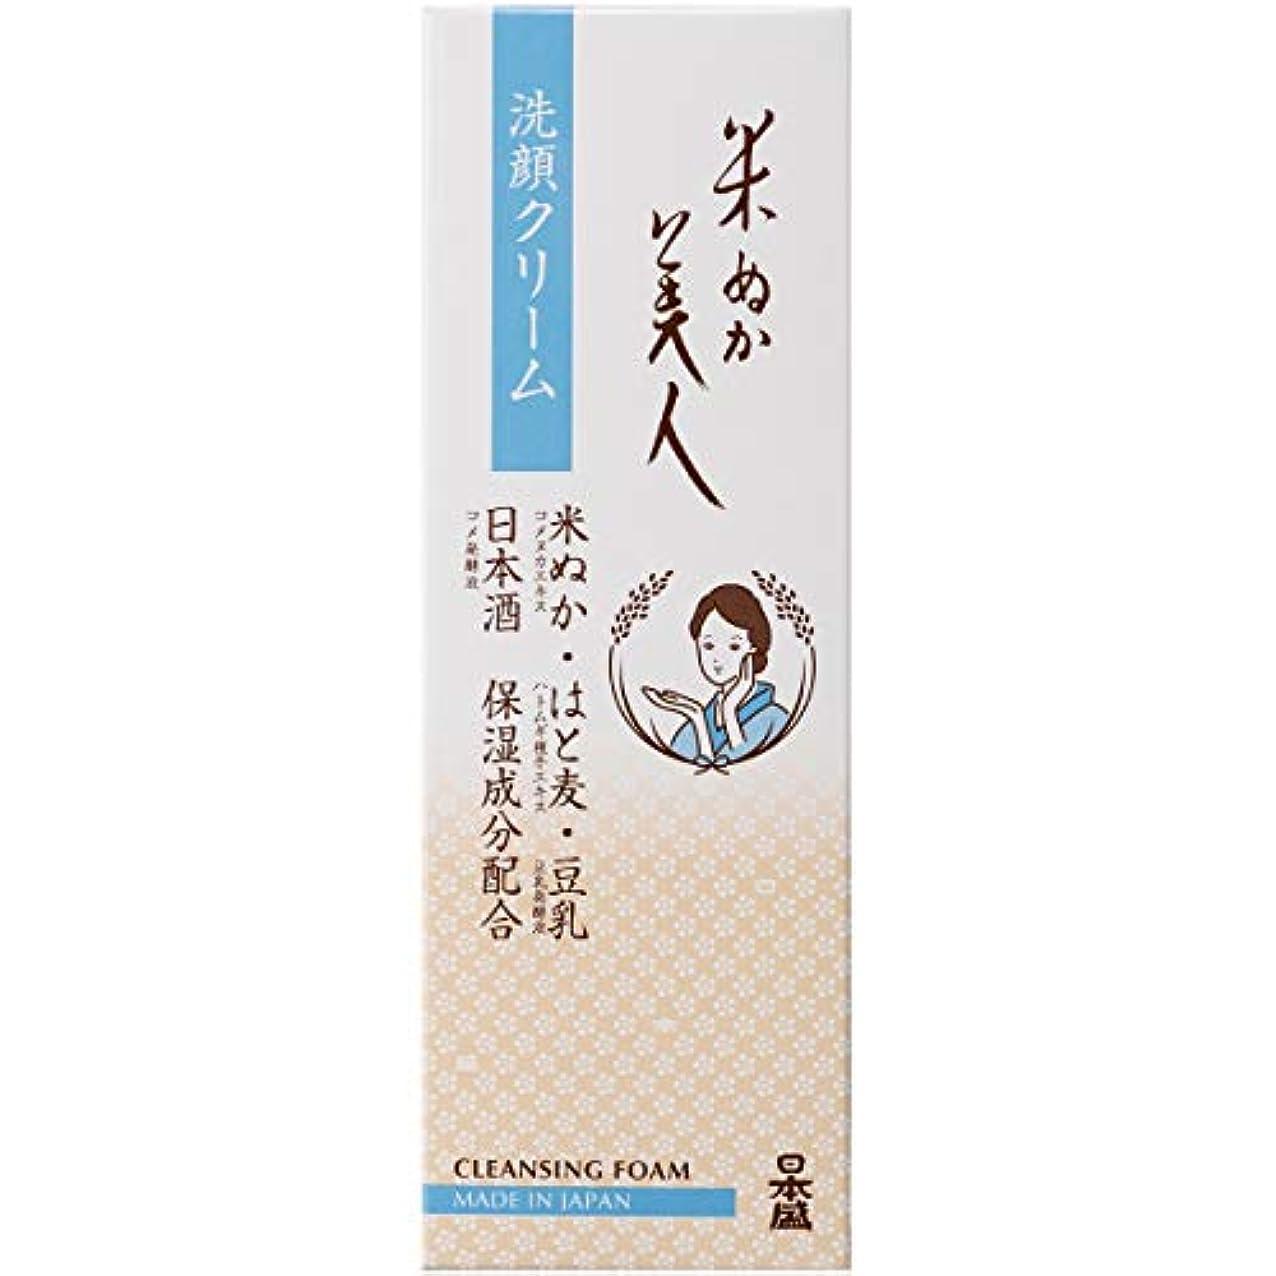 間接的こんにちはメタリック米ぬか美人 洗顔クリーム 100g